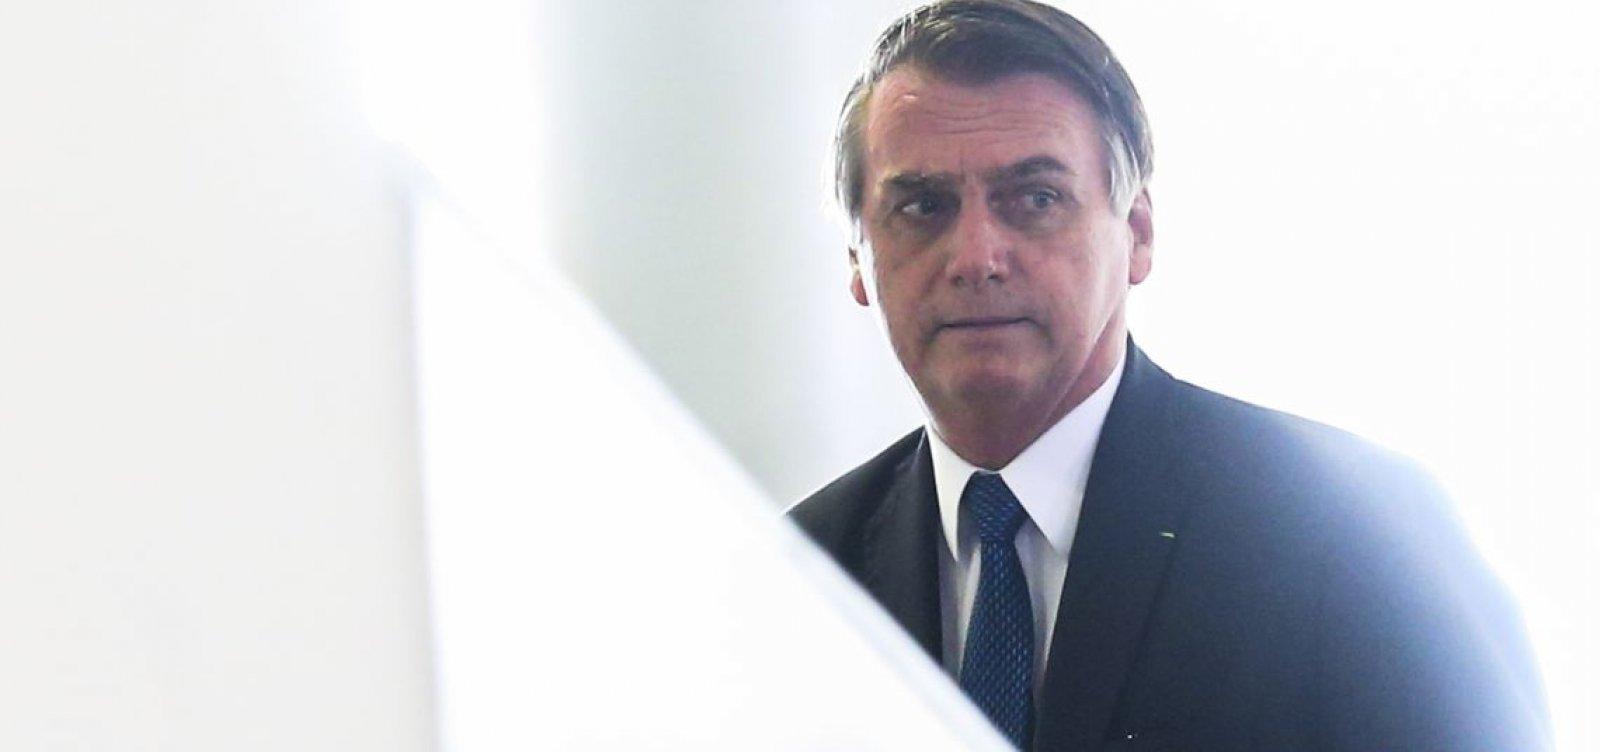 ['Não sou economista, já falei que não entendia de economia', diz Bolsonaro sobre intervir na Petrobras]